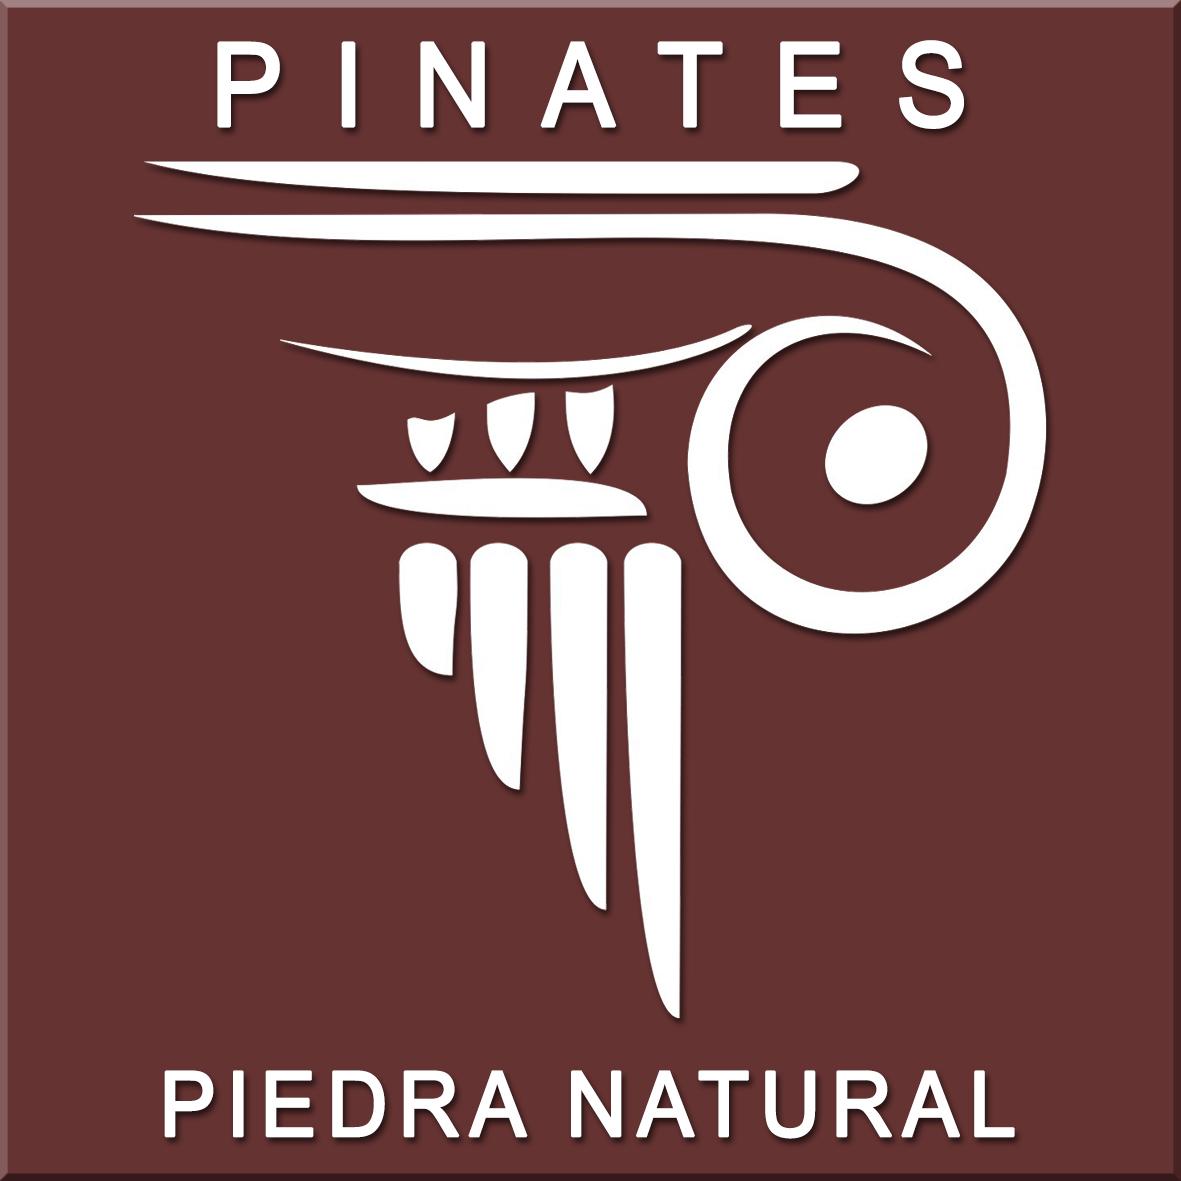 Pinates